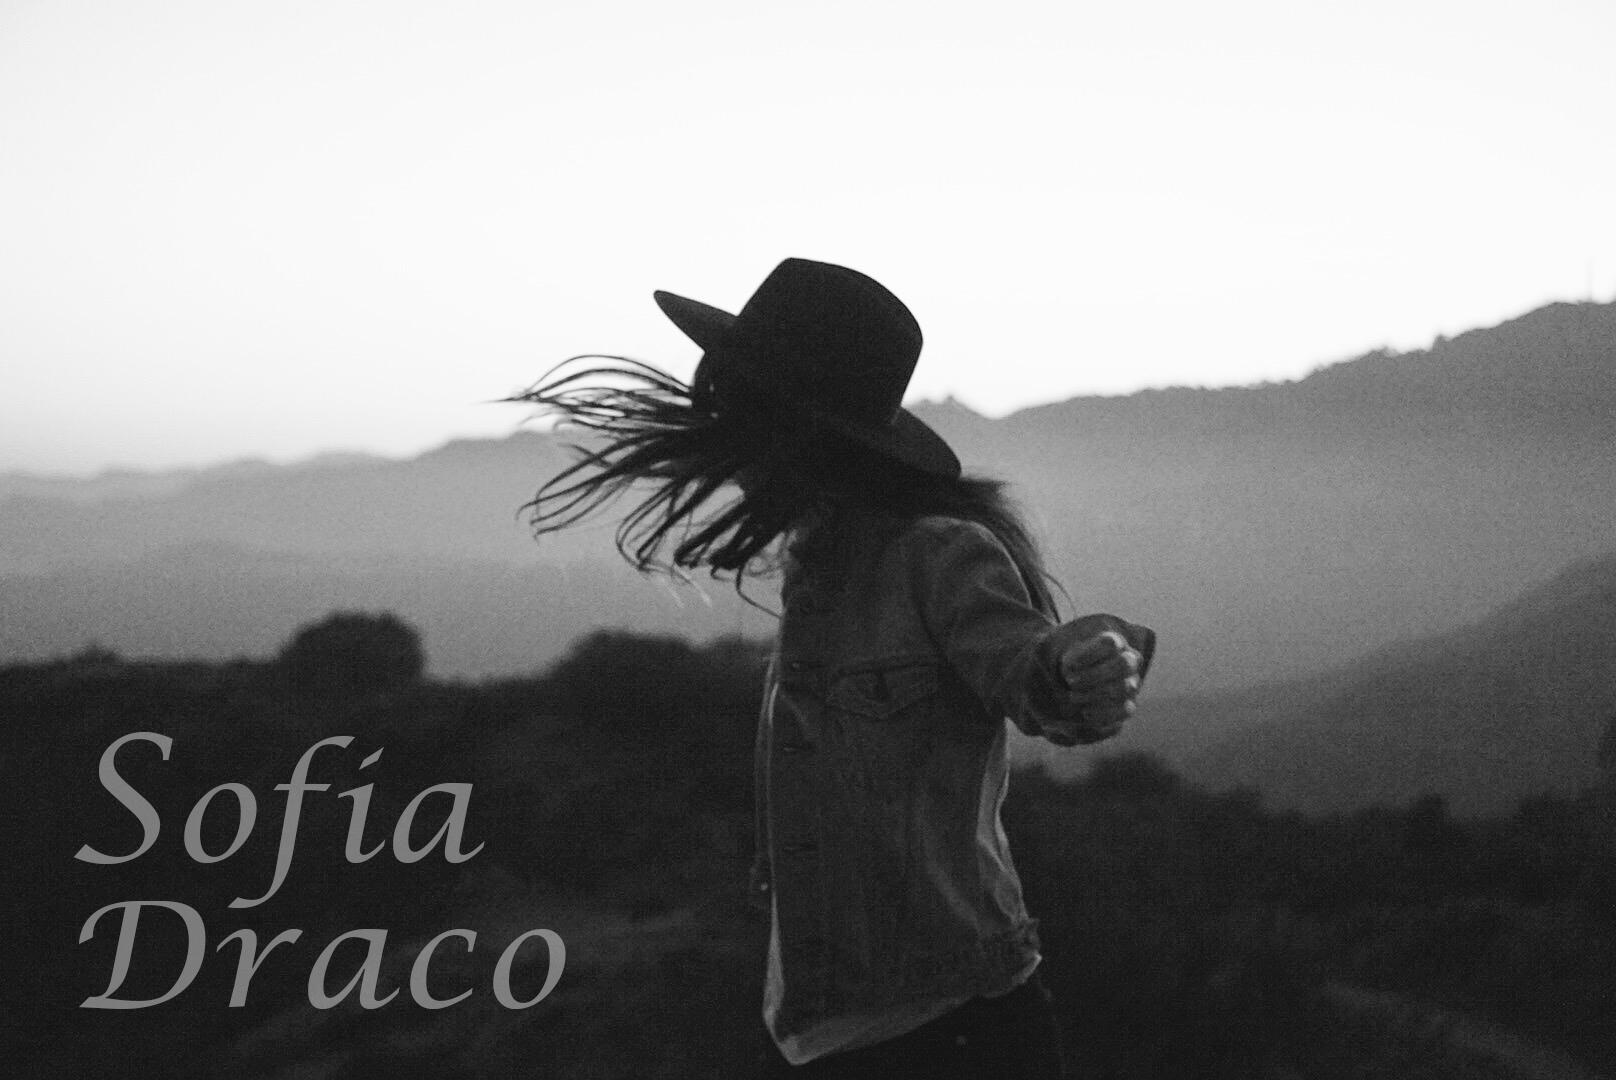 sofia_draco_text